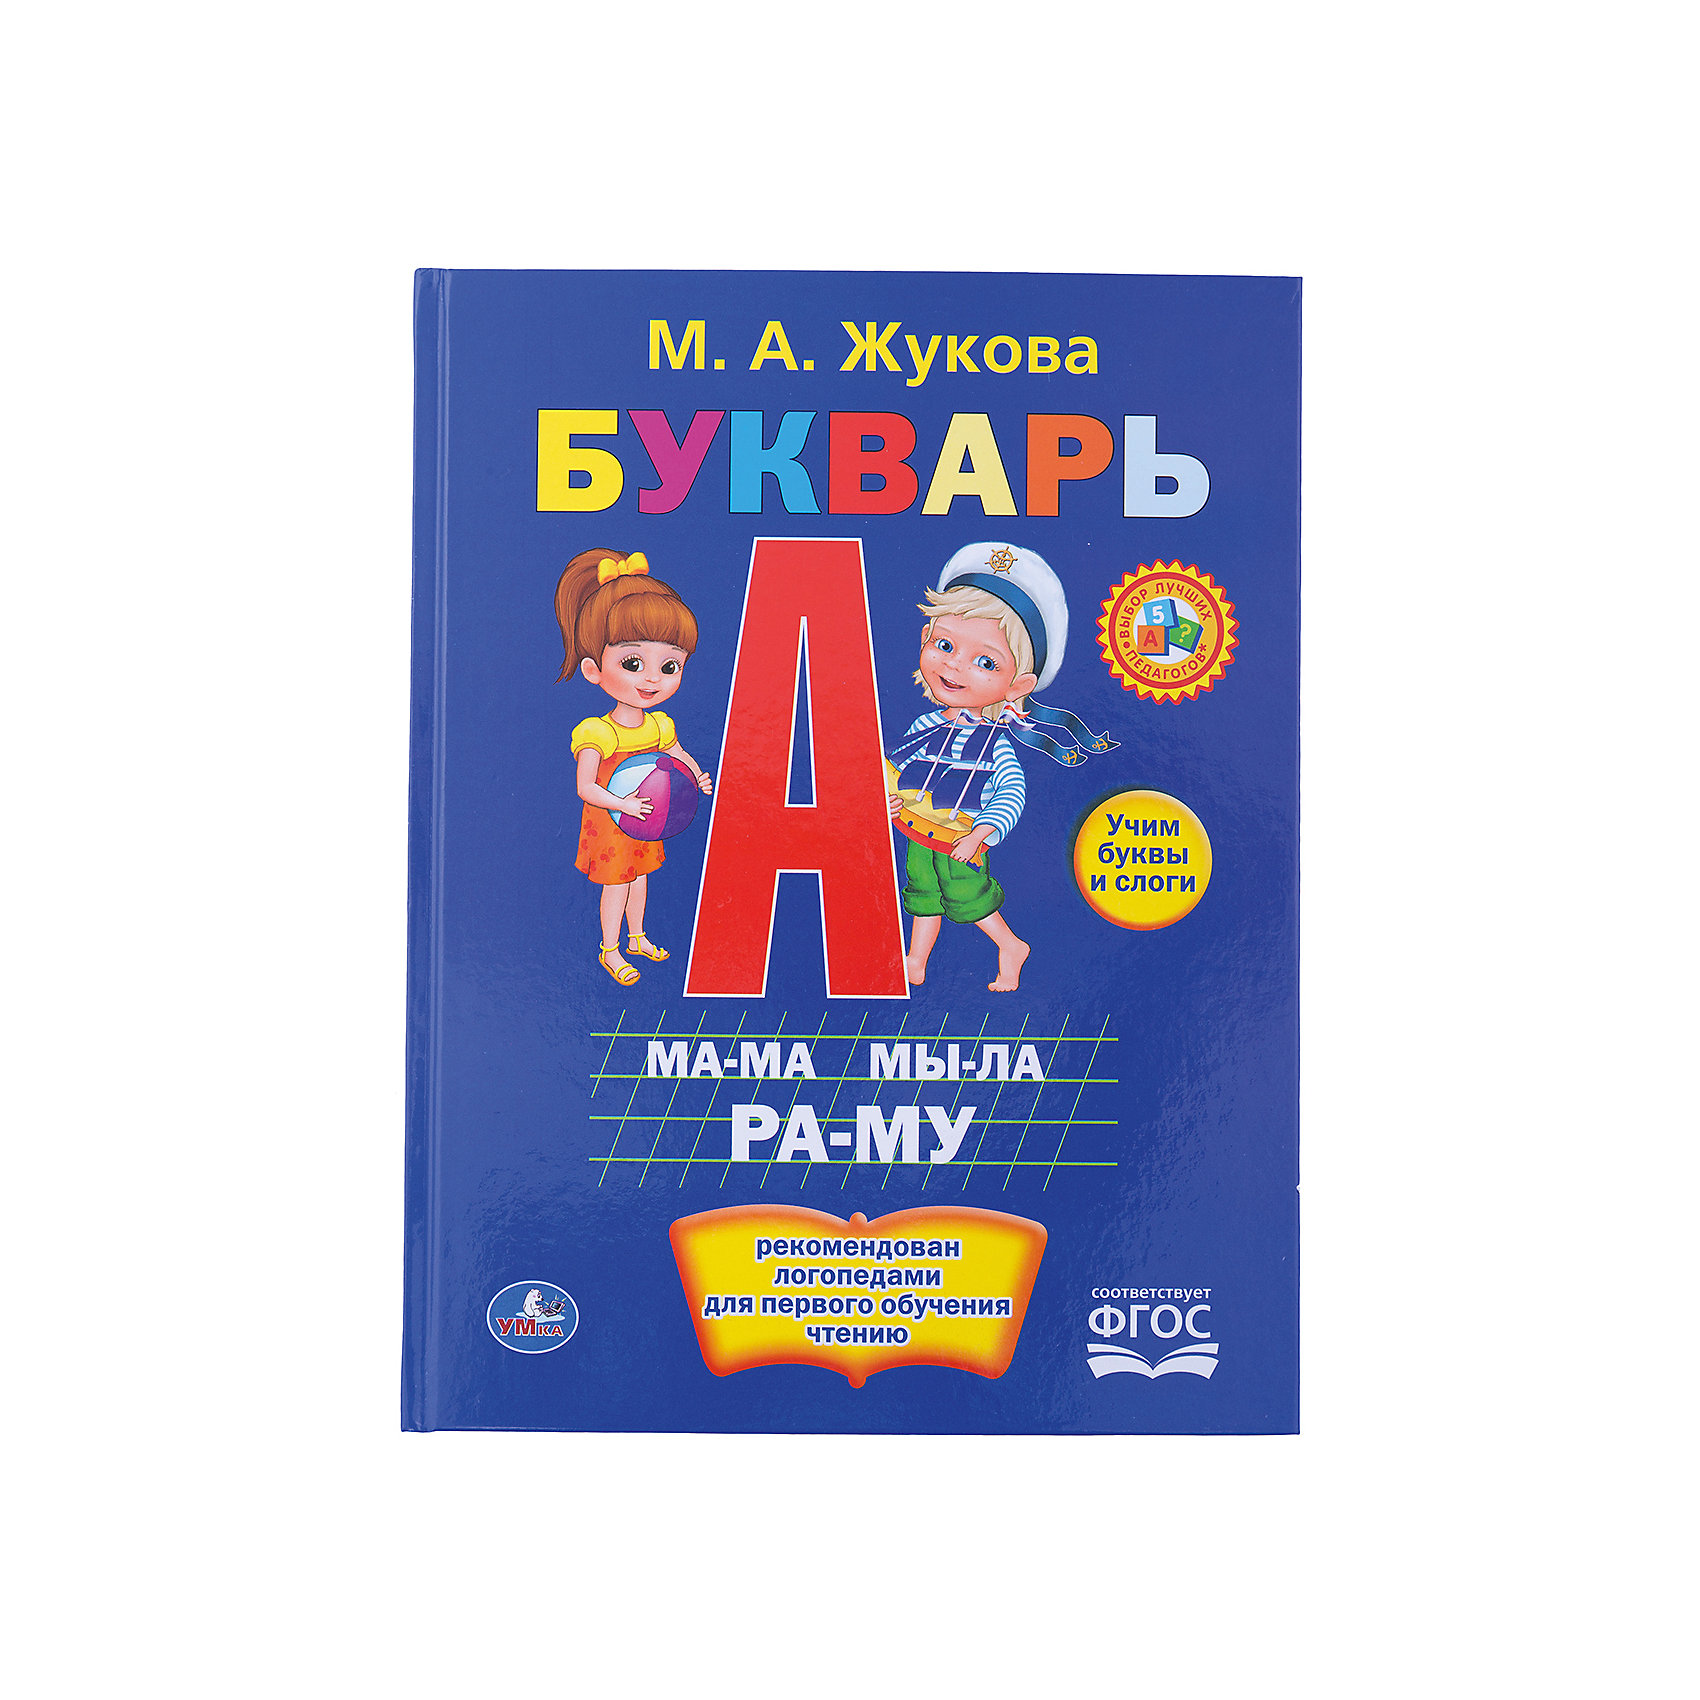 Букварь, М. А. ЖуковаЯркий, познавательный букварь для самых маленьких! <br><br>Дополнительная информация:<br><br>- Автор: М.А.Жукова.<br>- Возраст: от 12 месяцев.<br>- Материал: картон.<br>- Тип обложки: твердый.<br>- Иллюстрации: цветные.<br>- 144 страницы.<br>- ISBN: 9785506009900<br>- Размер упаковки: 20х27х1 см.<br>- Вес в упаковке: 340 г.<br><br>Купить букварь М.А Жукова, можно в нашем магазине.<br><br>Ширина мм: 20<br>Глубина мм: 27<br>Высота мм: 1<br>Вес г: 340<br>Возраст от месяцев: -2147483648<br>Возраст до месяцев: 2147483647<br>Пол: Унисекс<br>Возраст: Детский<br>SKU: 4797464